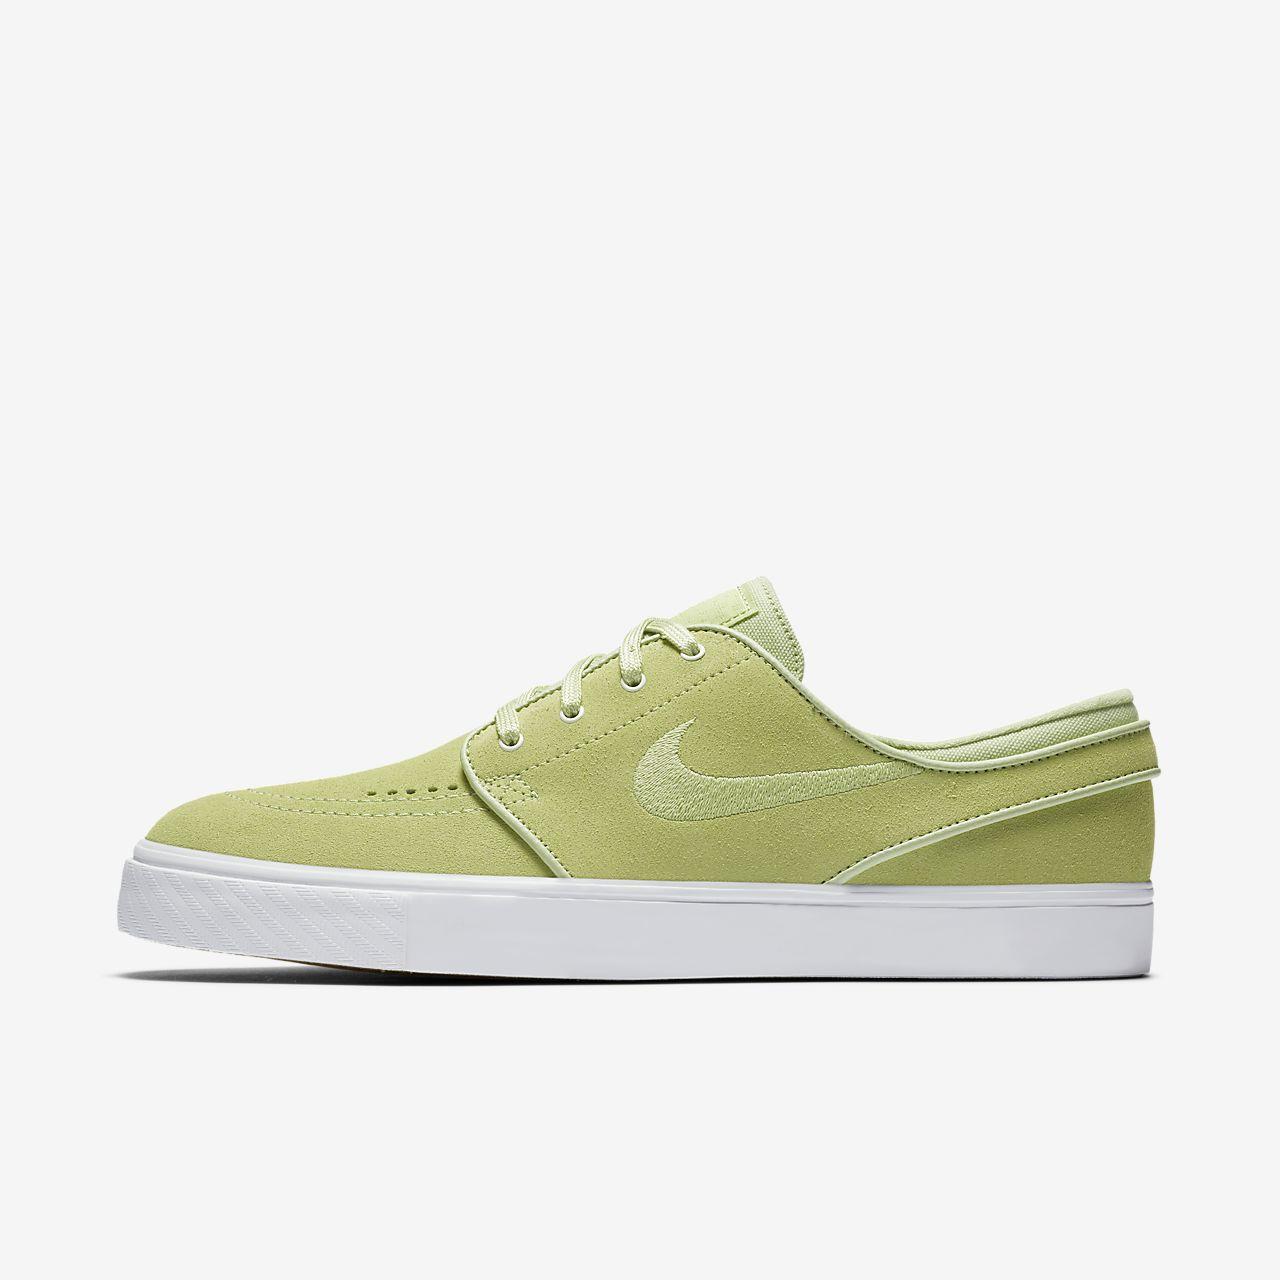 Skateboardsko Nike Zoom Stefan Janoski för män